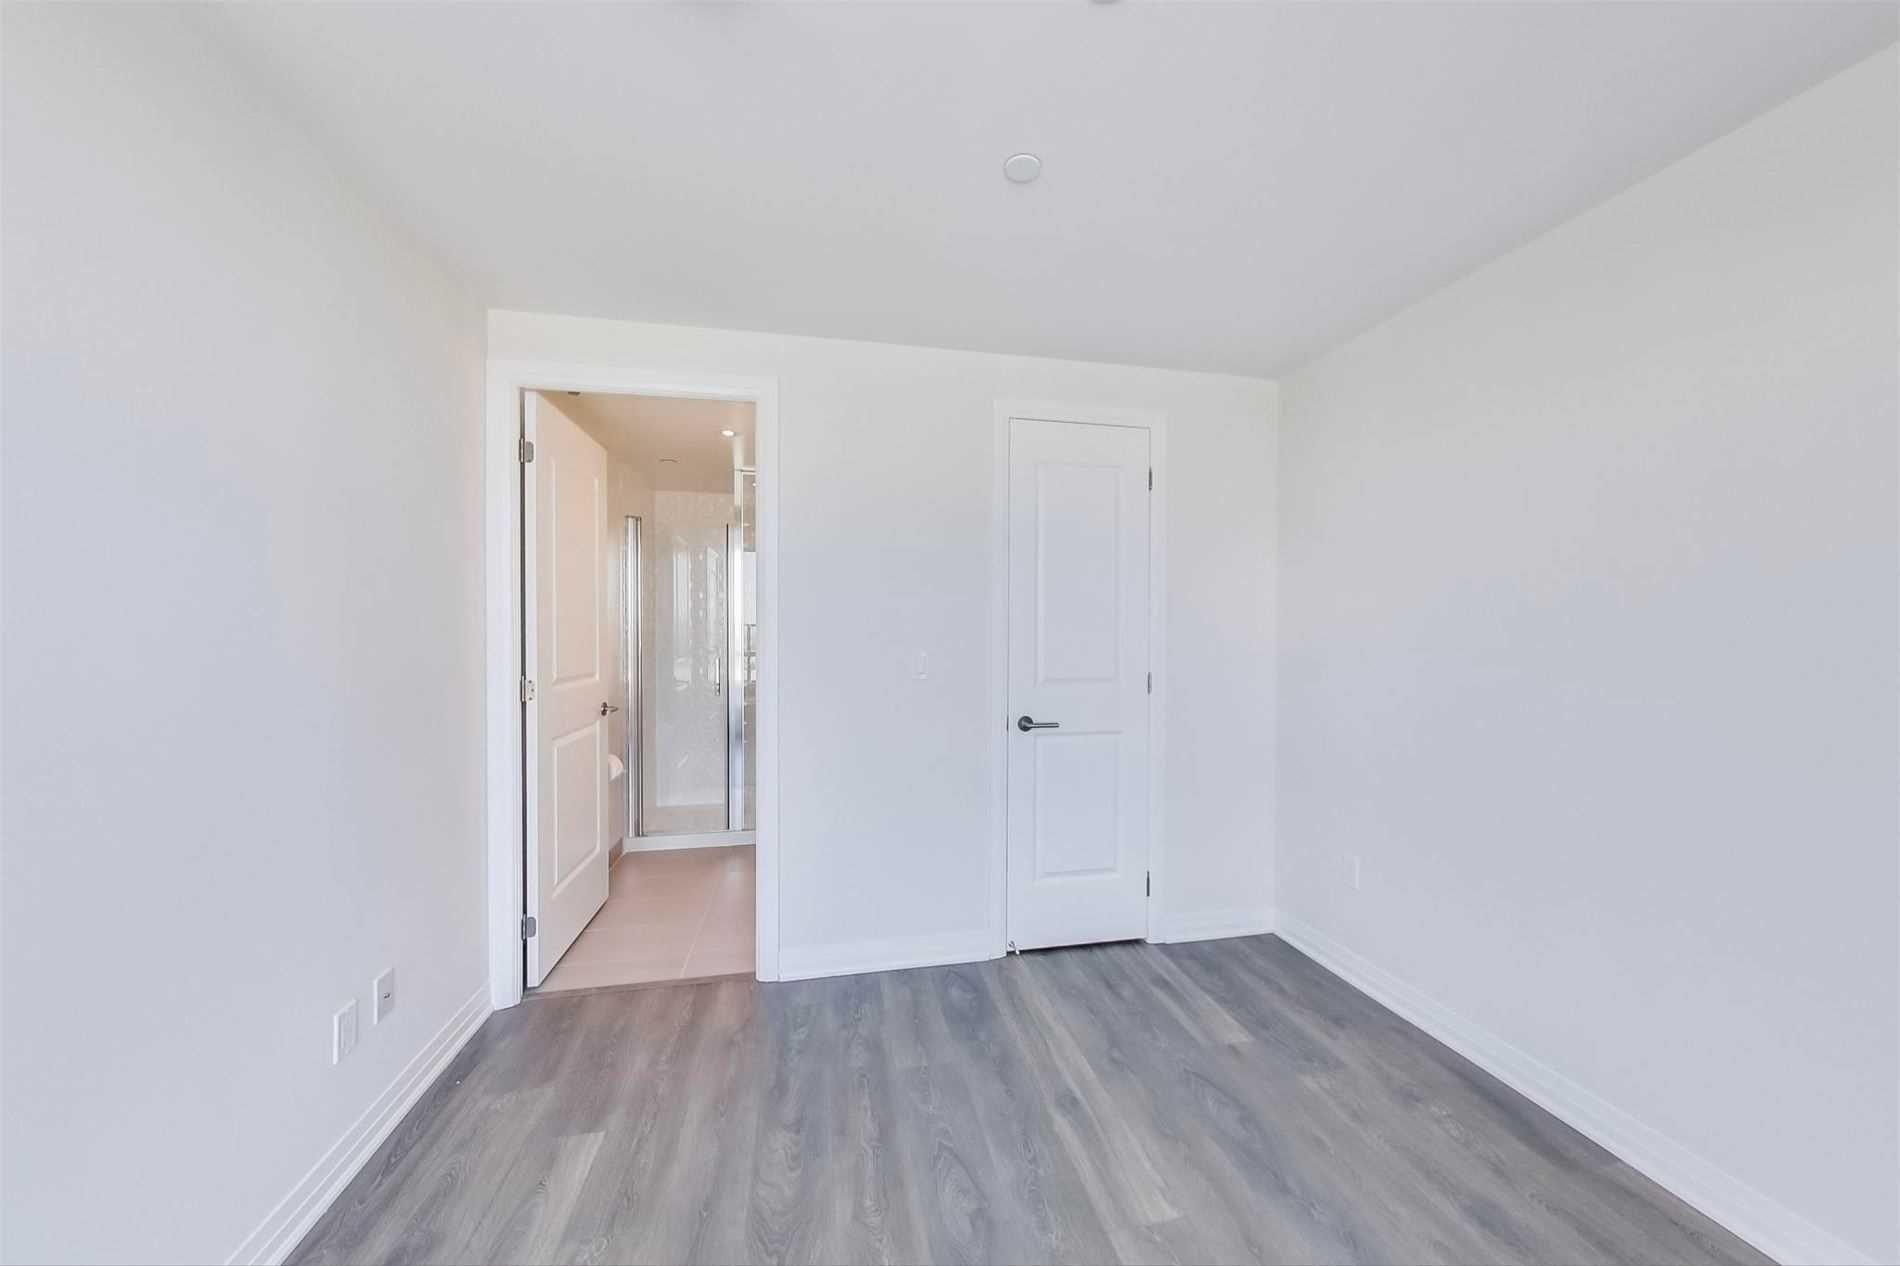 Photo 10: Photos: 711 2301 Danforth Avenue in Toronto: East End-Danforth Condo for lease (Toronto E02)  : MLS®# E4816624